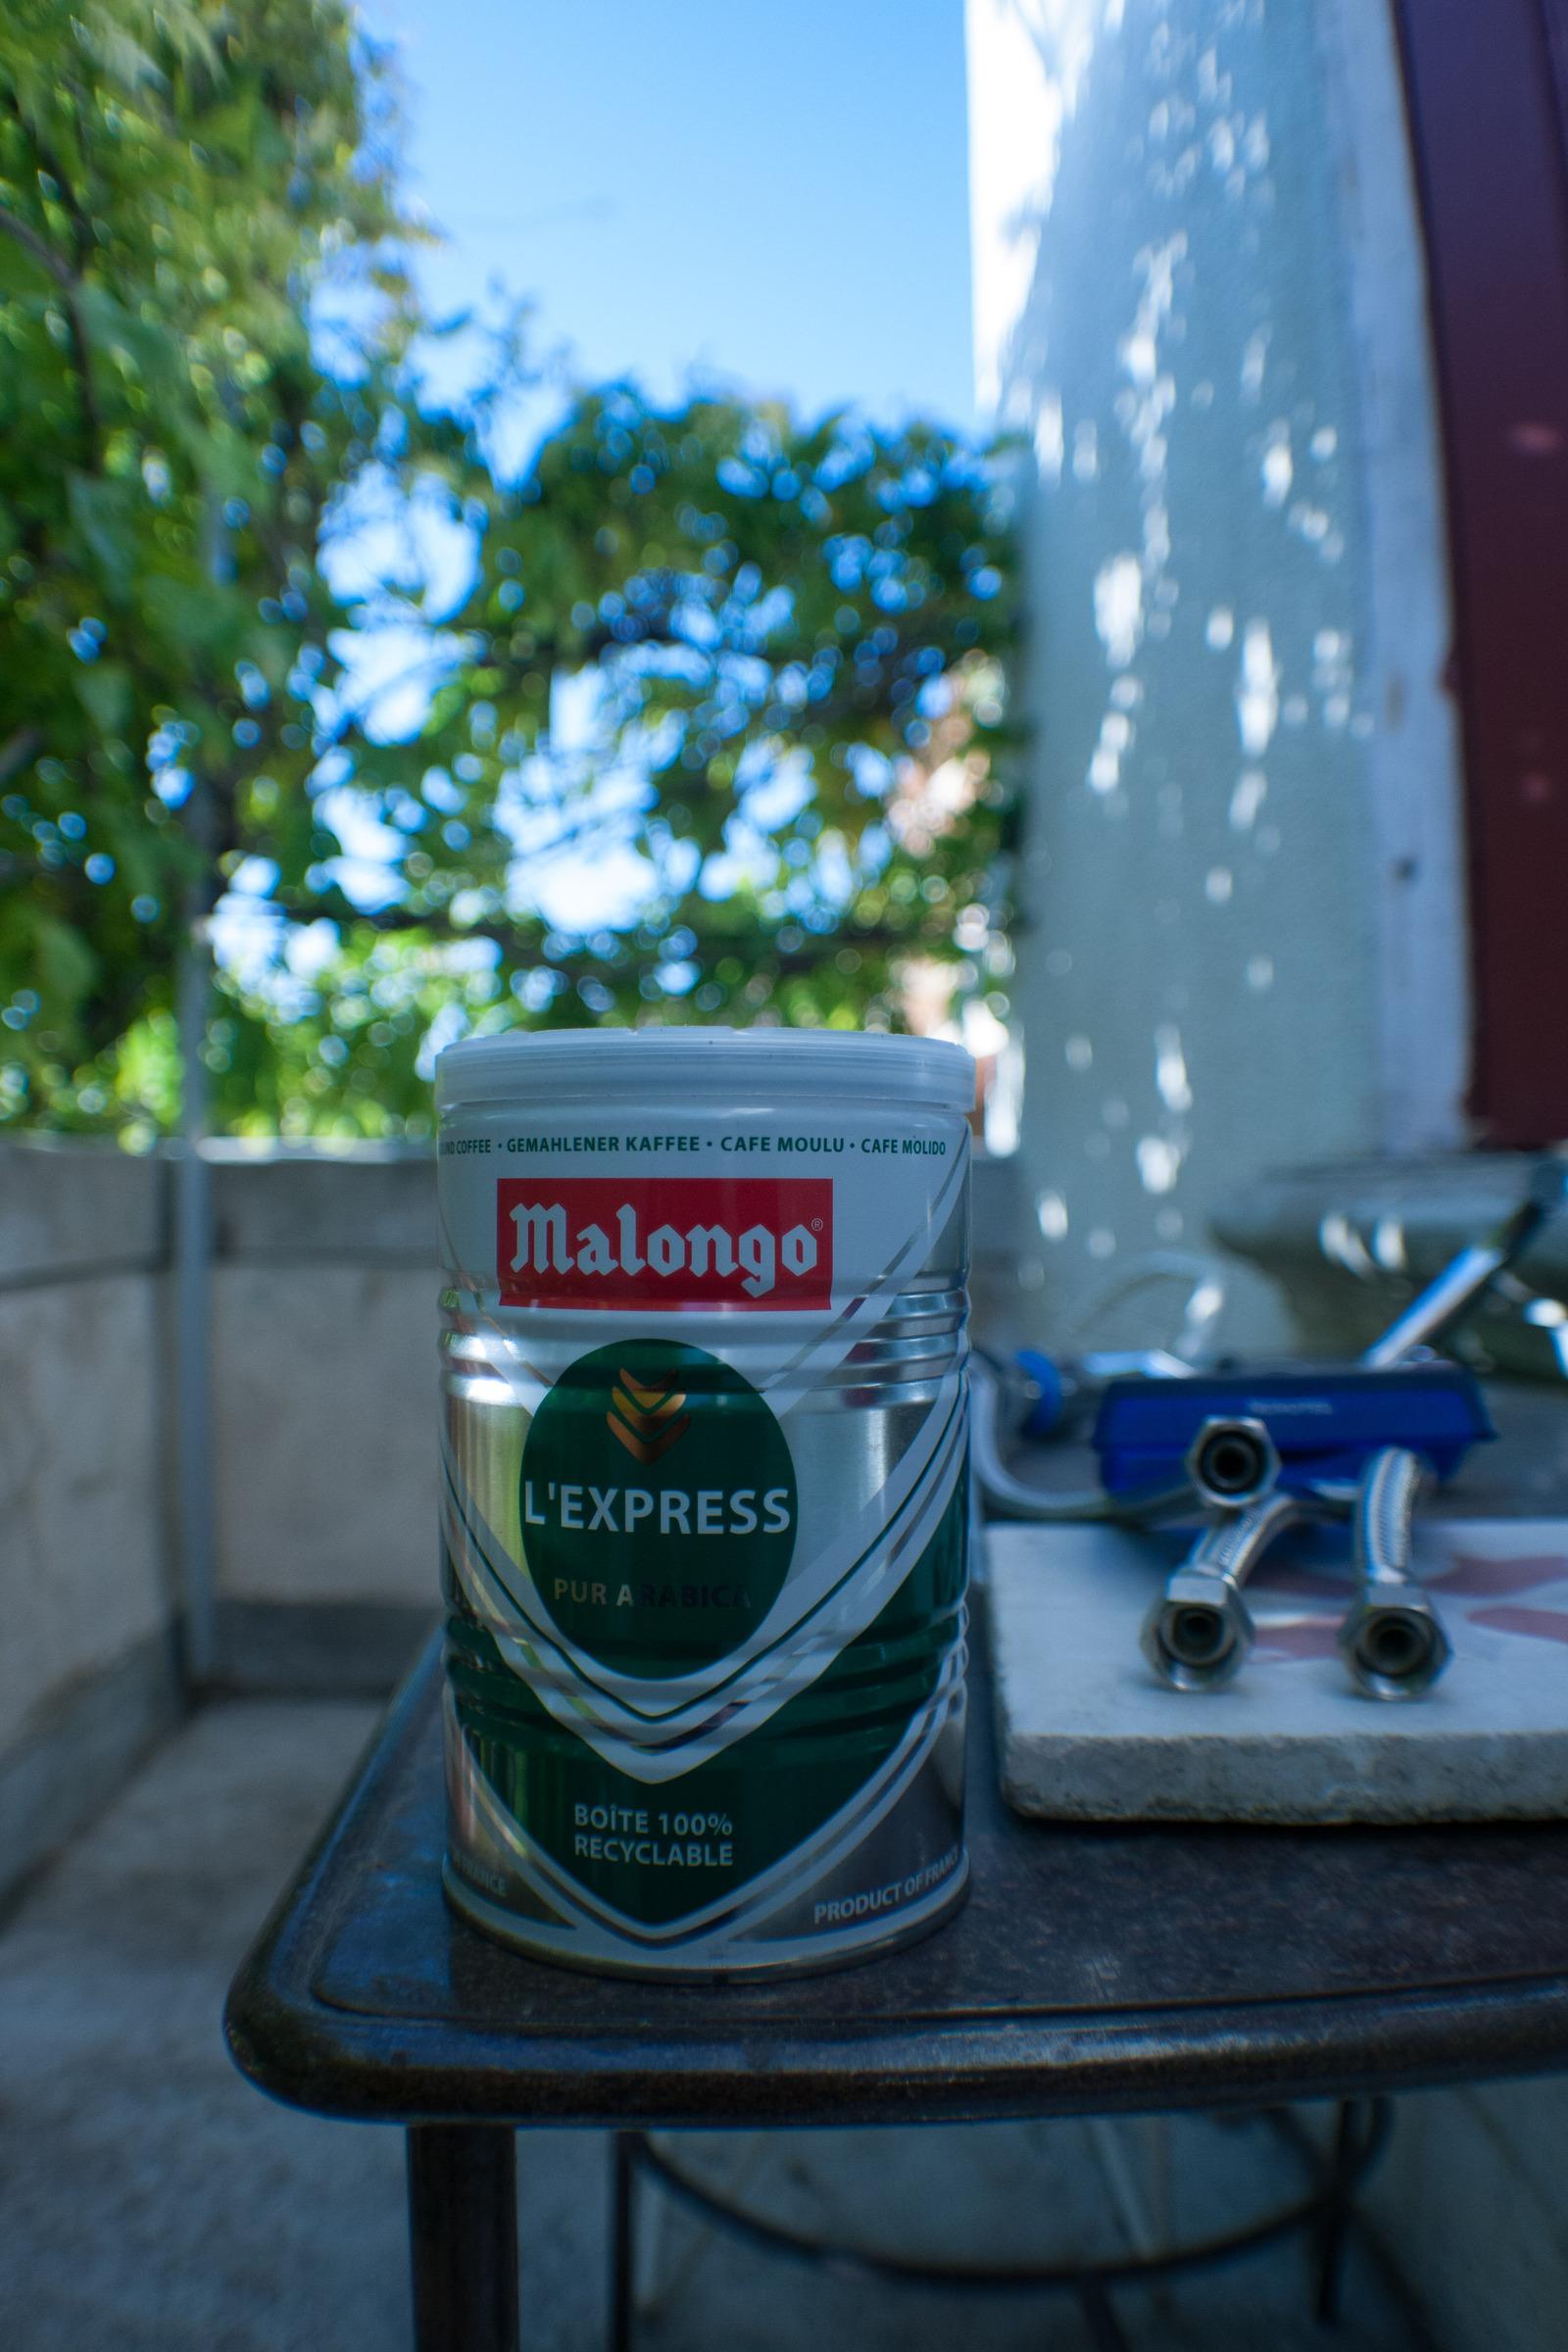 Diy Wide Lens Image Sample by gekopaca in Regular Member Gallery